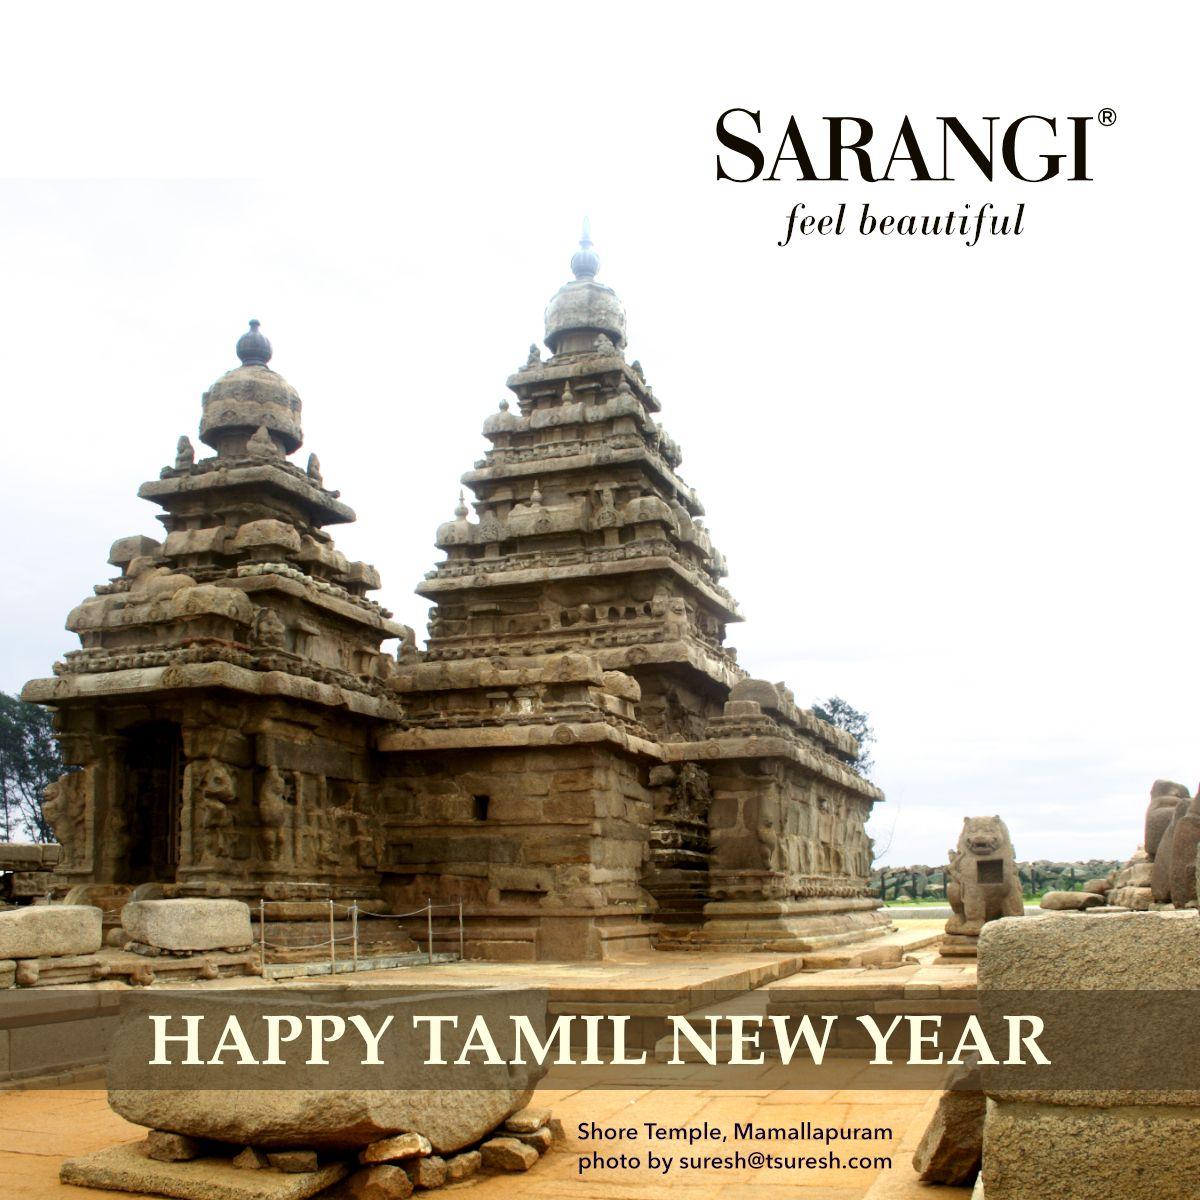 Tamil New Year Greetings from Sarangi. Puthandu, also